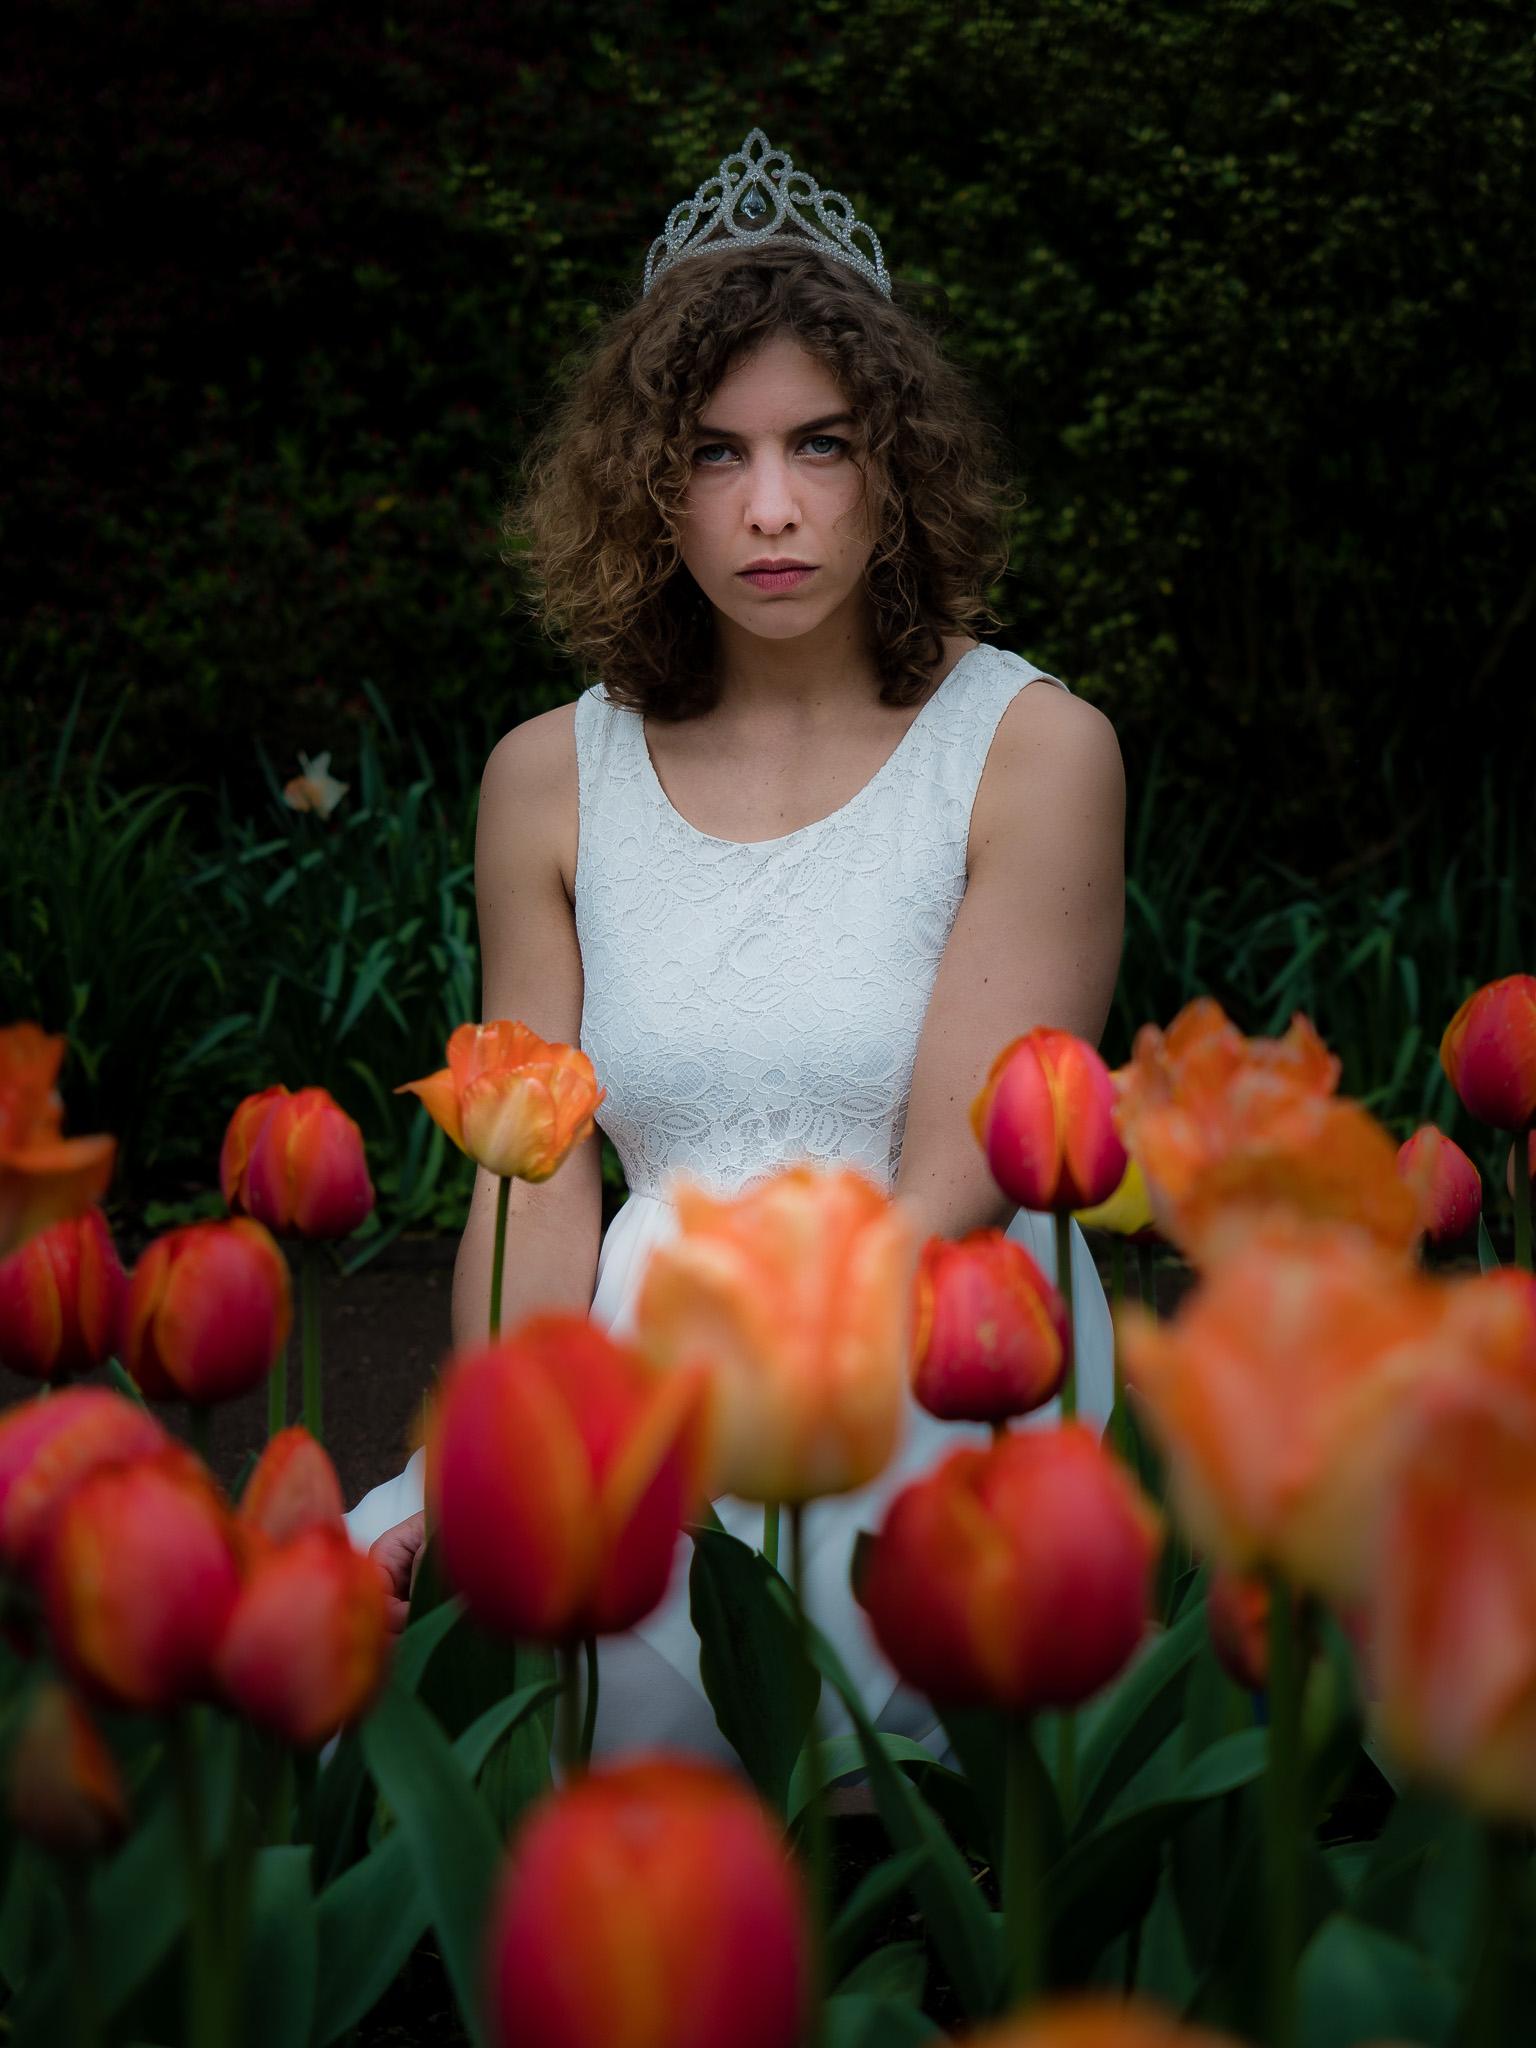 Outdoor-Portrait